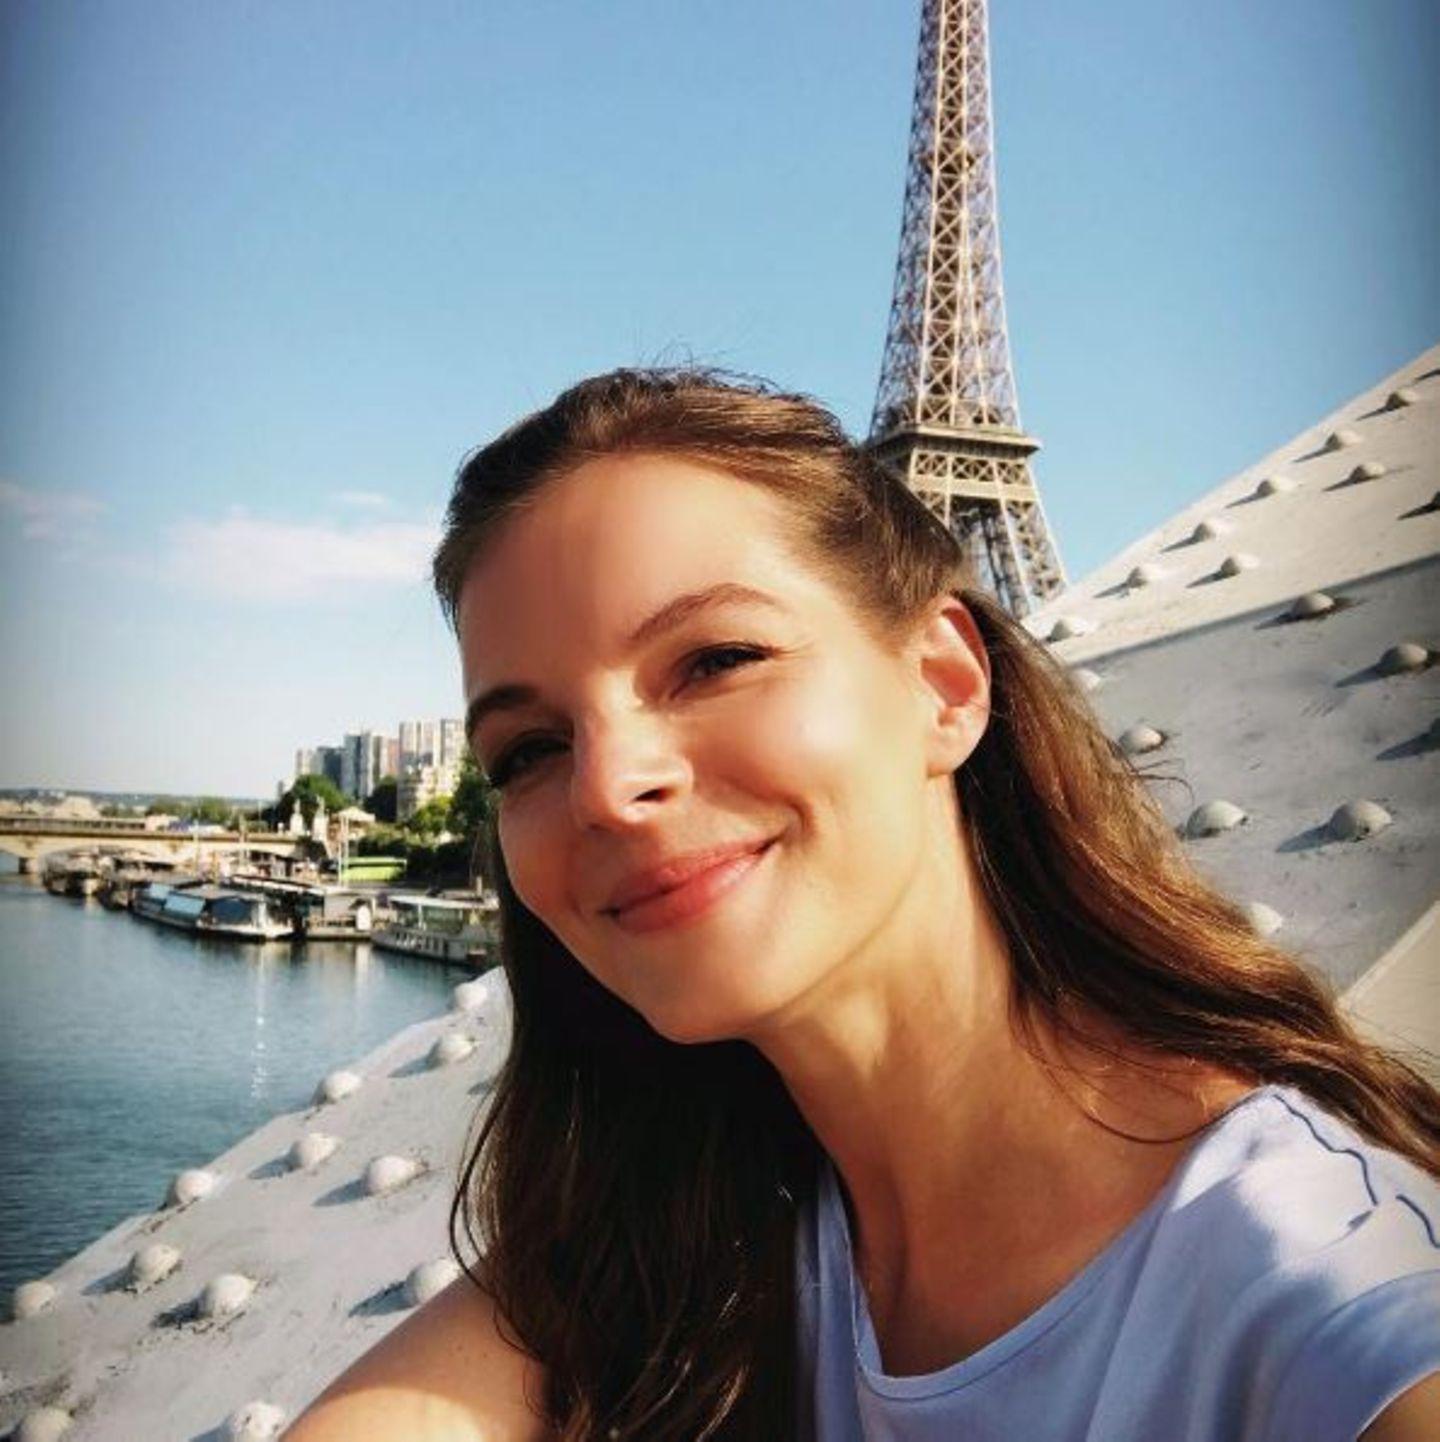 Wo Yvonne Catterfeld momentan Urlaub macht, ist wohl kaum zu übersehen. In Paris posiert sie vor dem berühmten Wahrzeichen der Stadt, dem Eiffelturm.